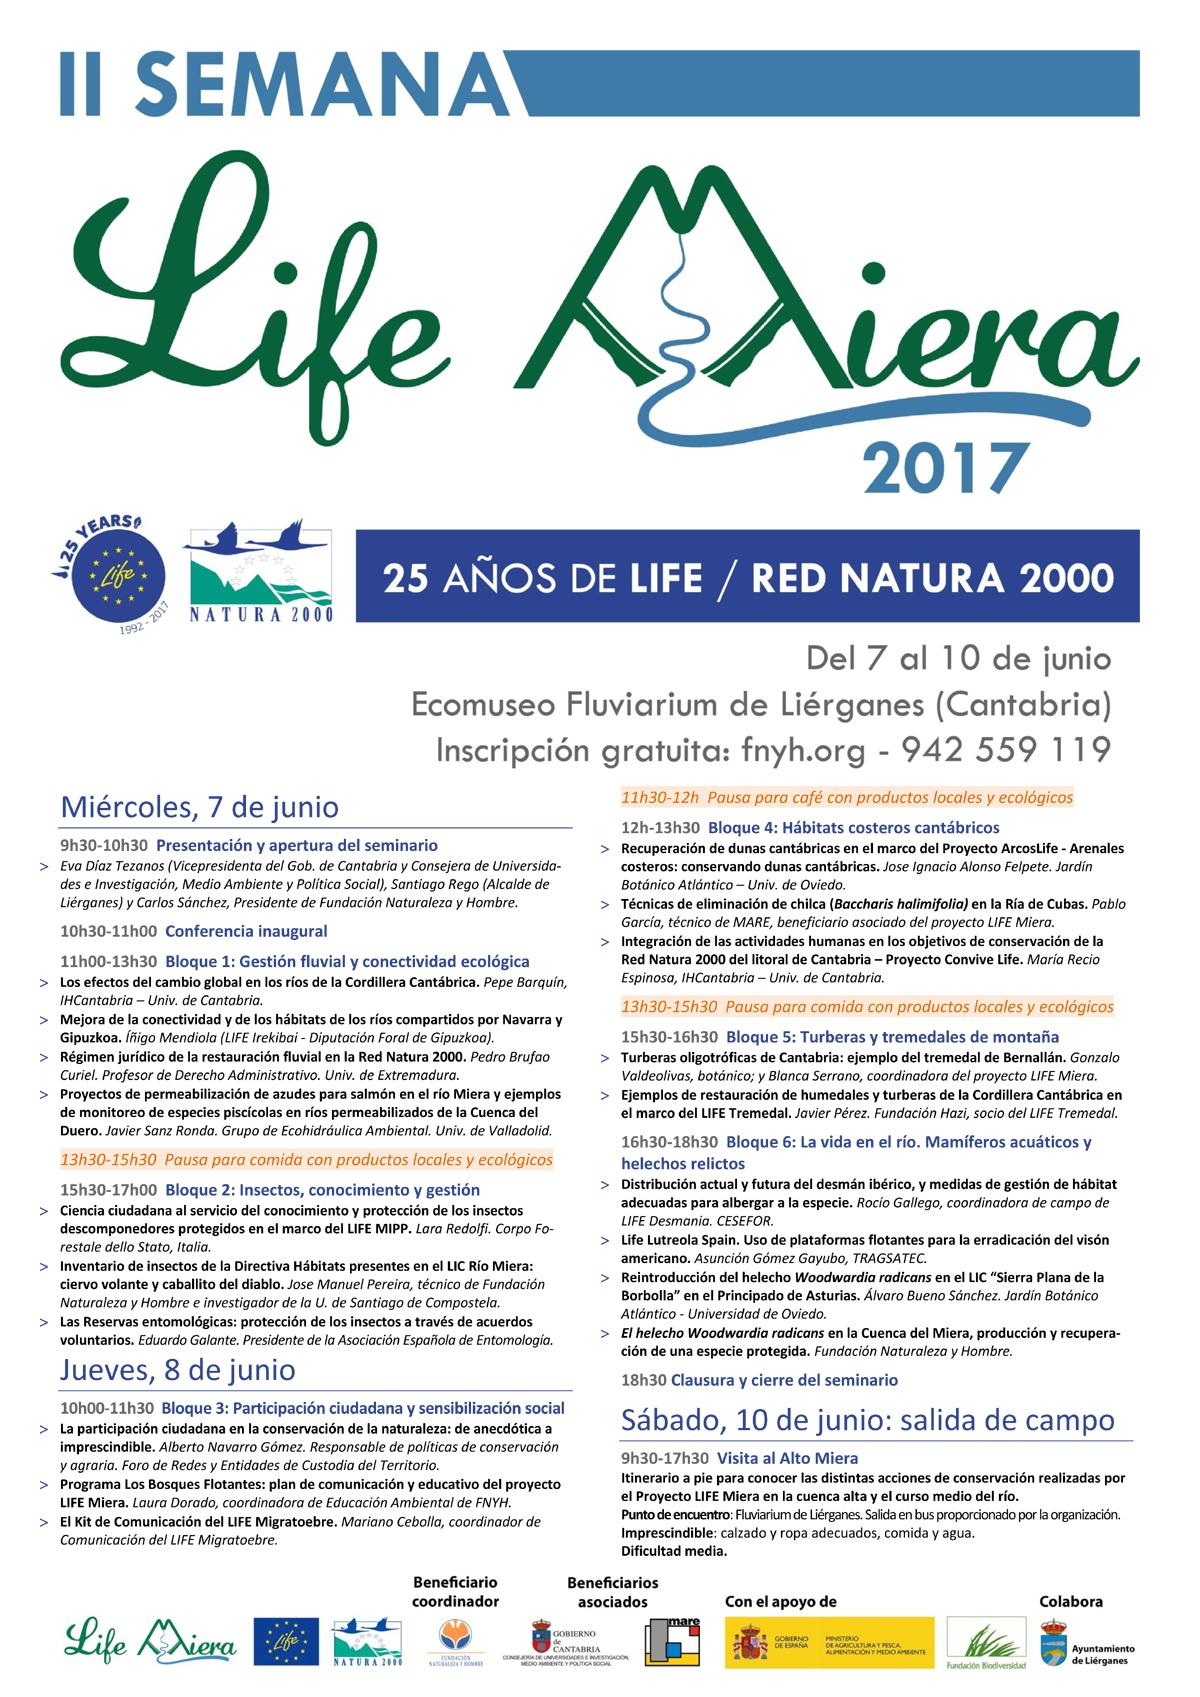 Cartel con el programa para las Jornadas LIFE Miera